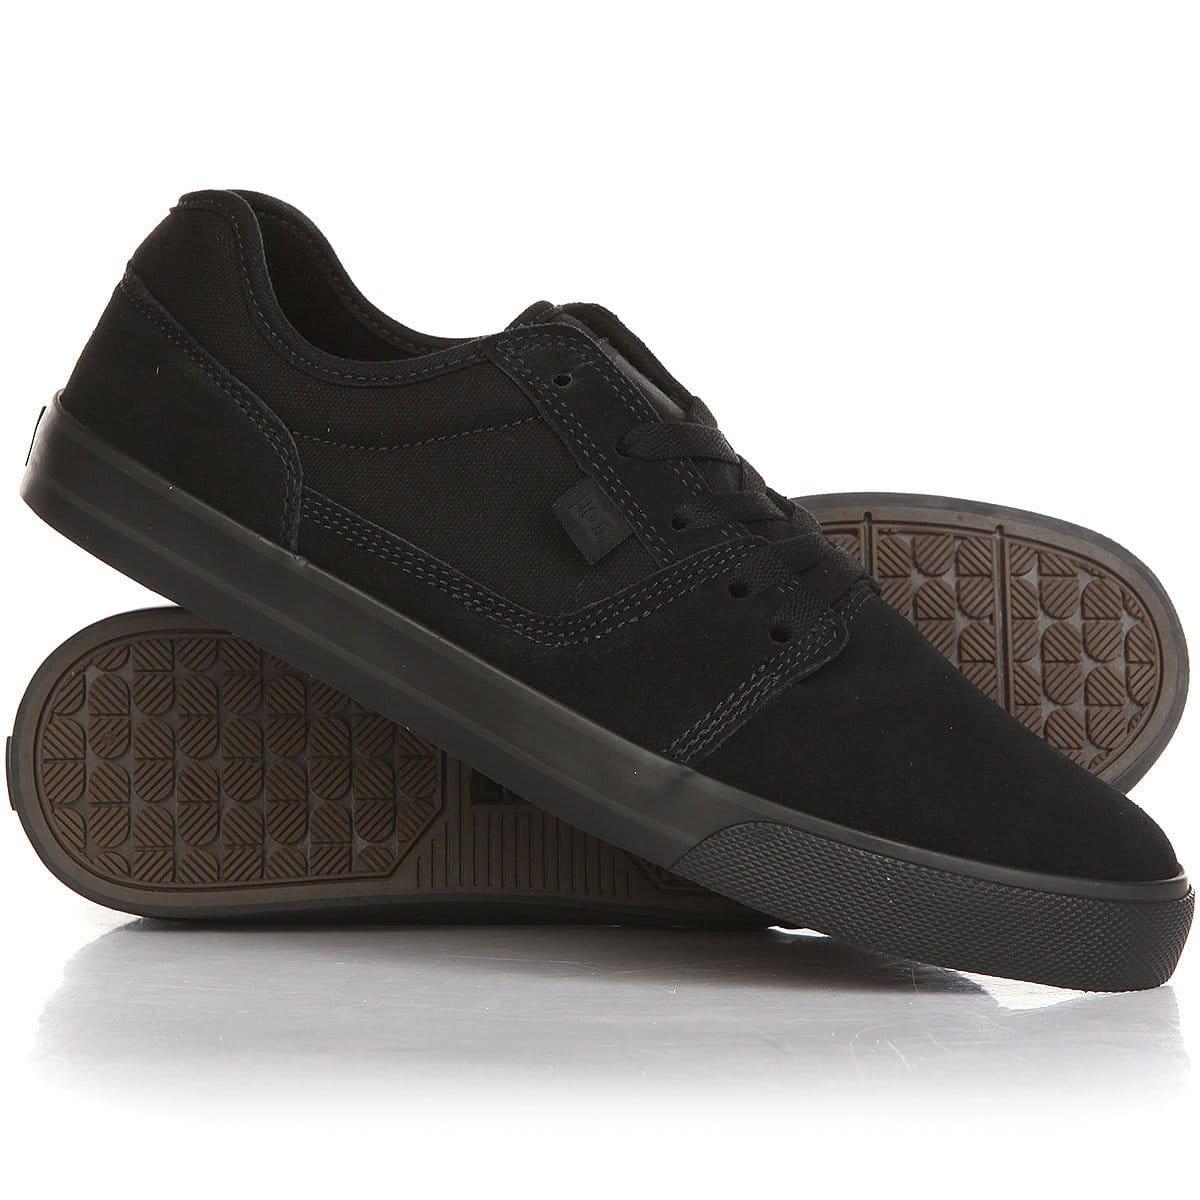 5dd31d2543f6 Купить кеды DC Shoes Tonik Shoe Black Black (302905-BB2) в  интернет-магазине Proskater.ru